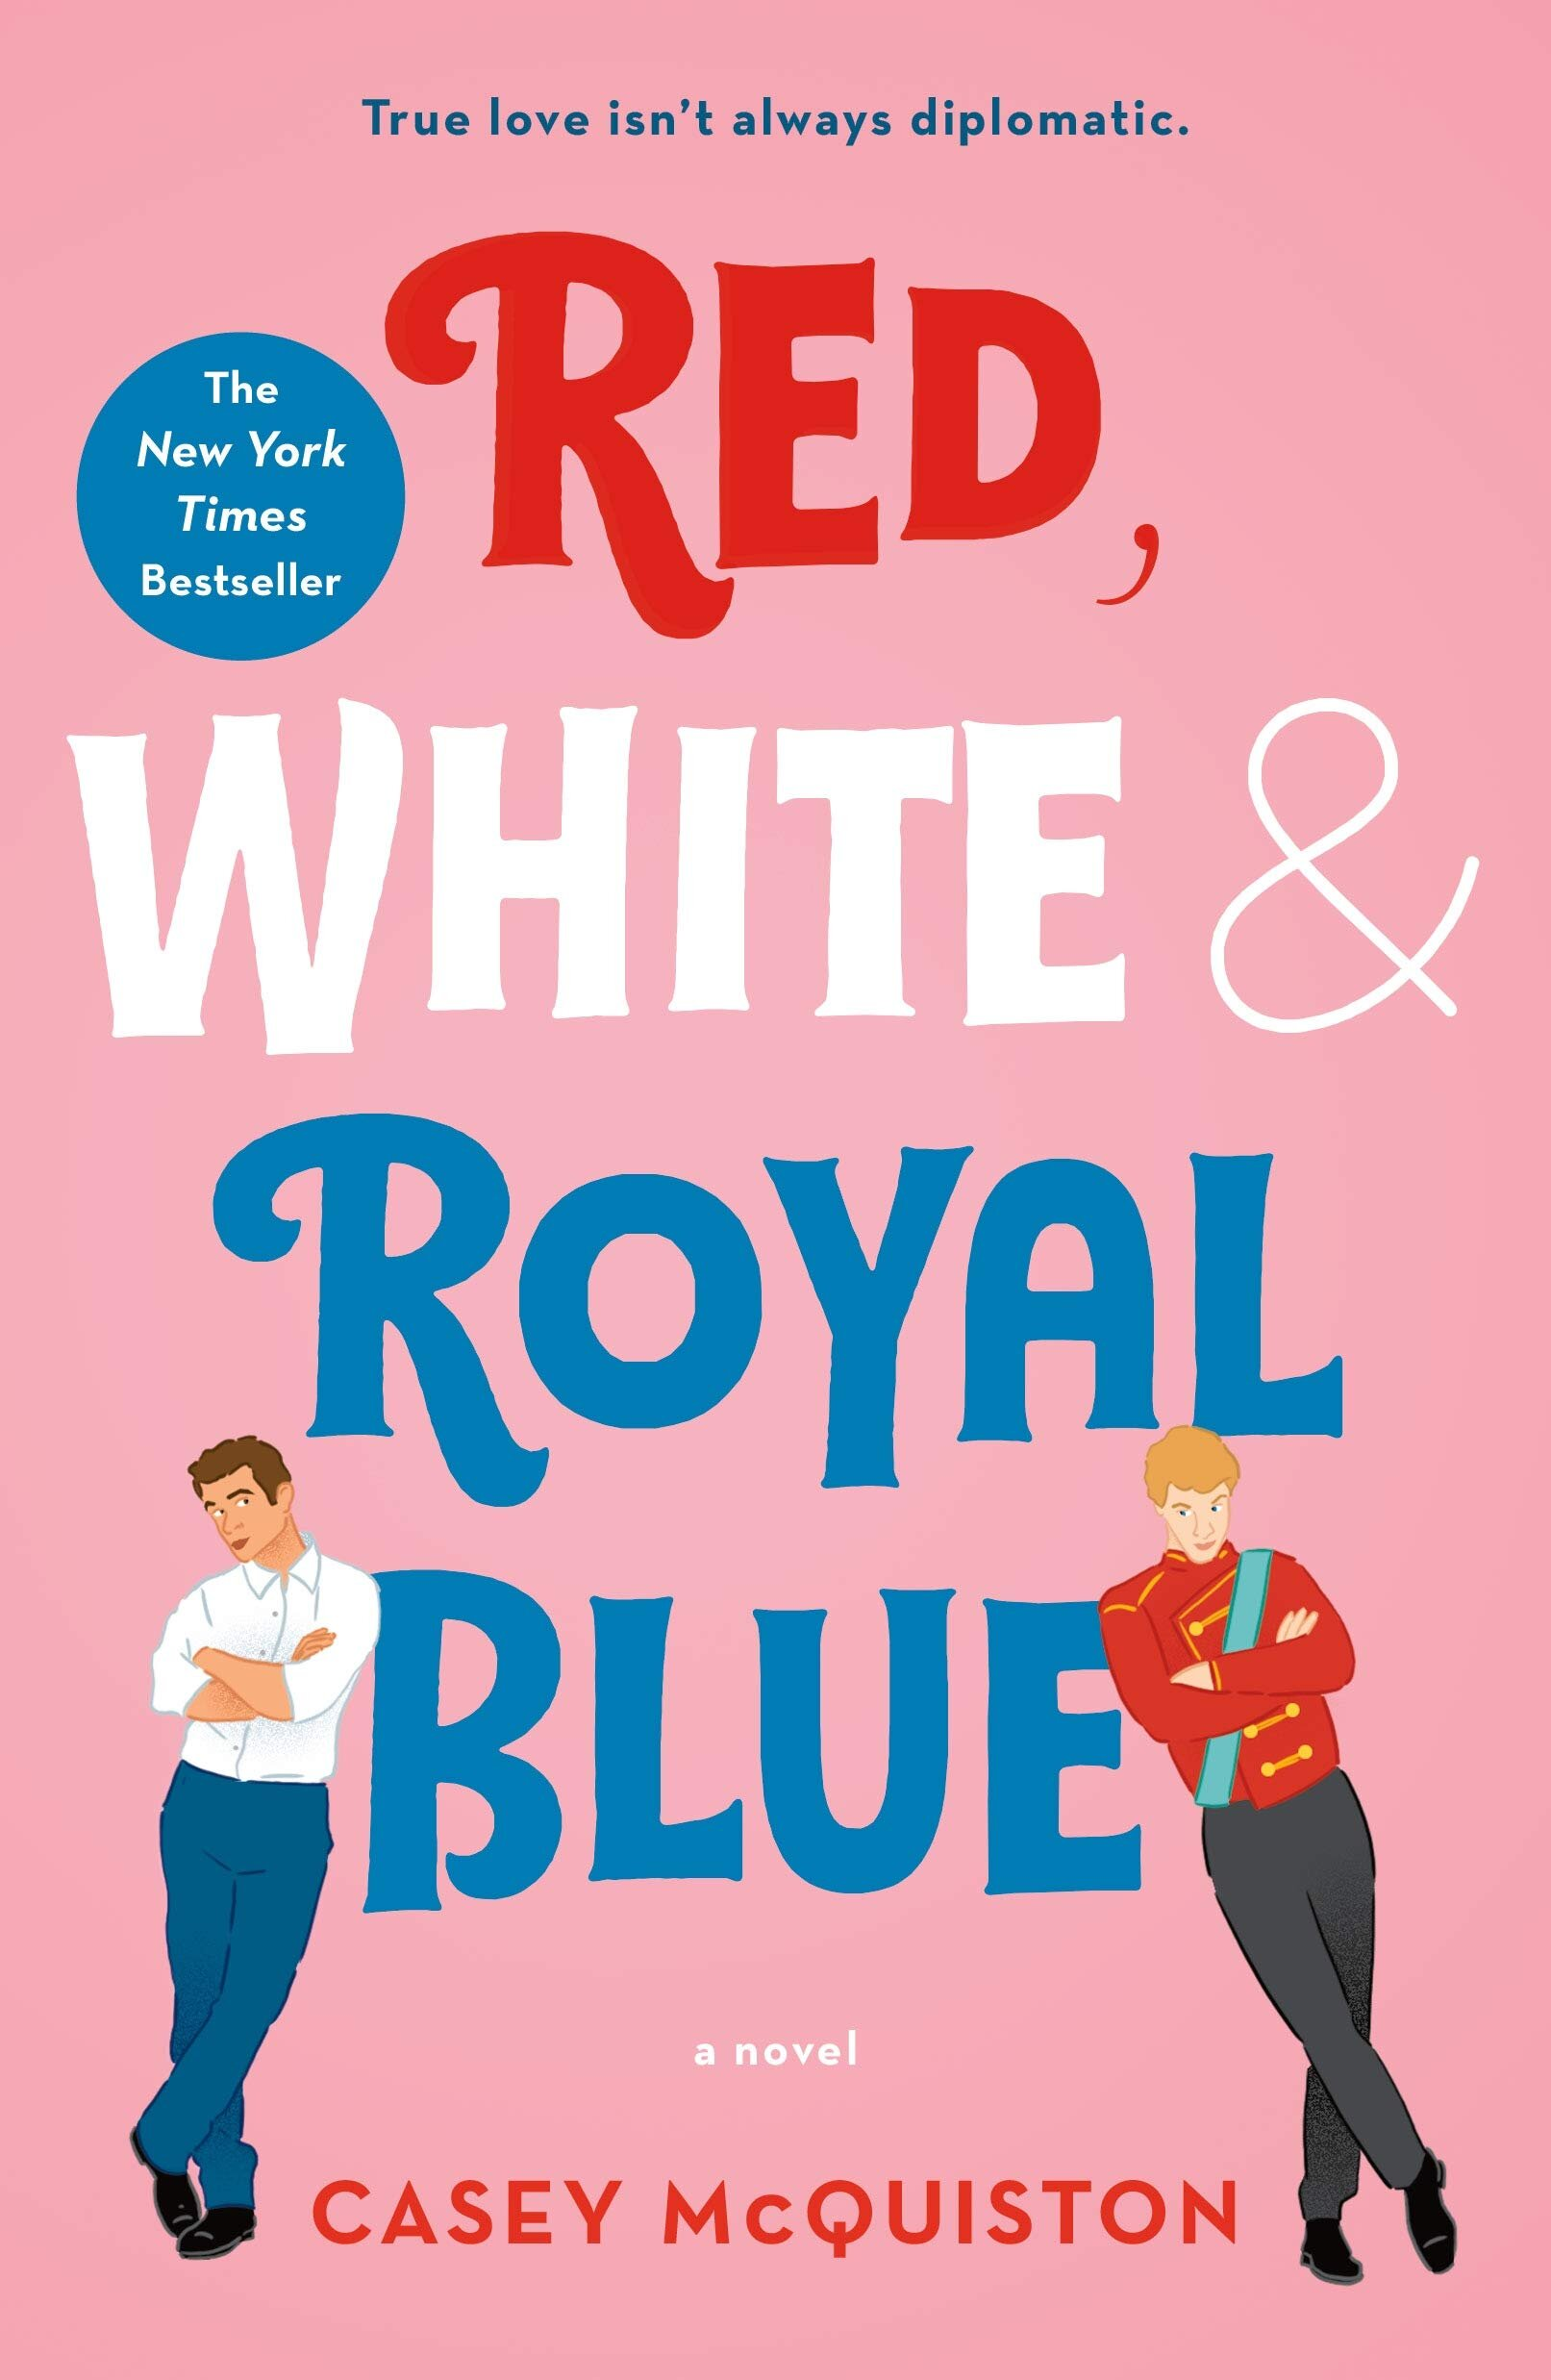 Red White Royal Blue.jpg